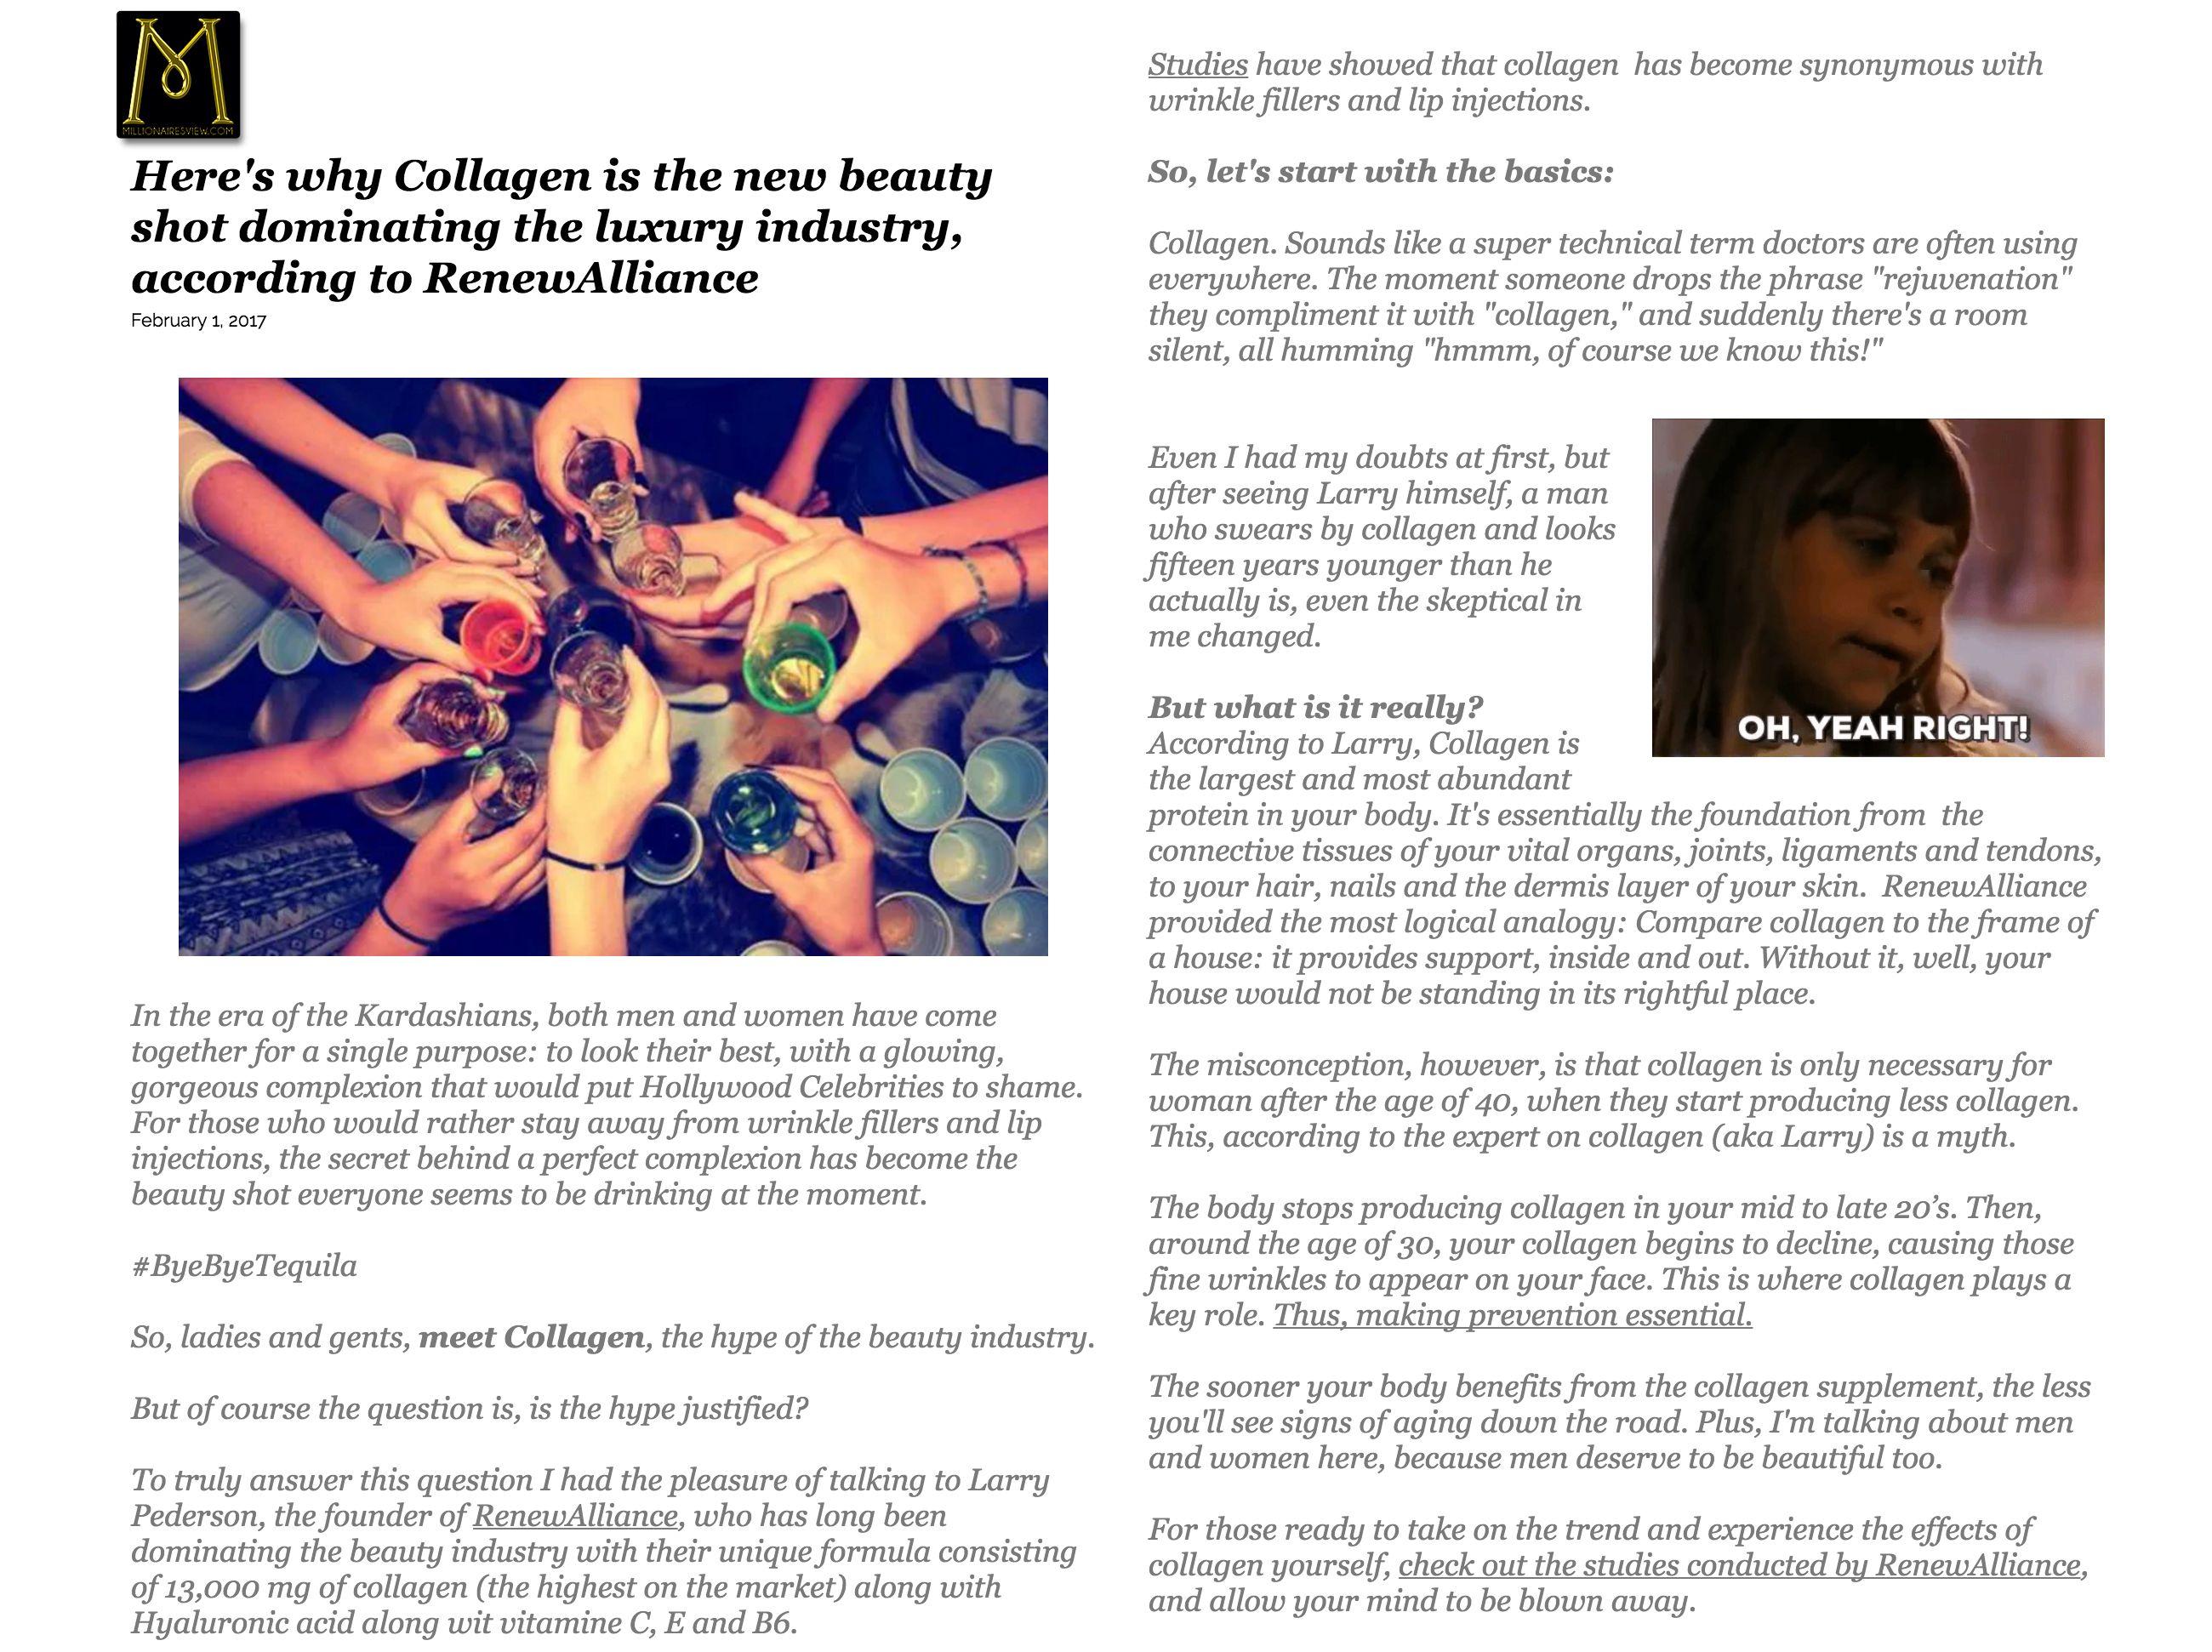 TAUT PREMIUM COLLAGEN DRINK FEATURED ON MILLIONAIRESVIEW.COM | RenewAlliance